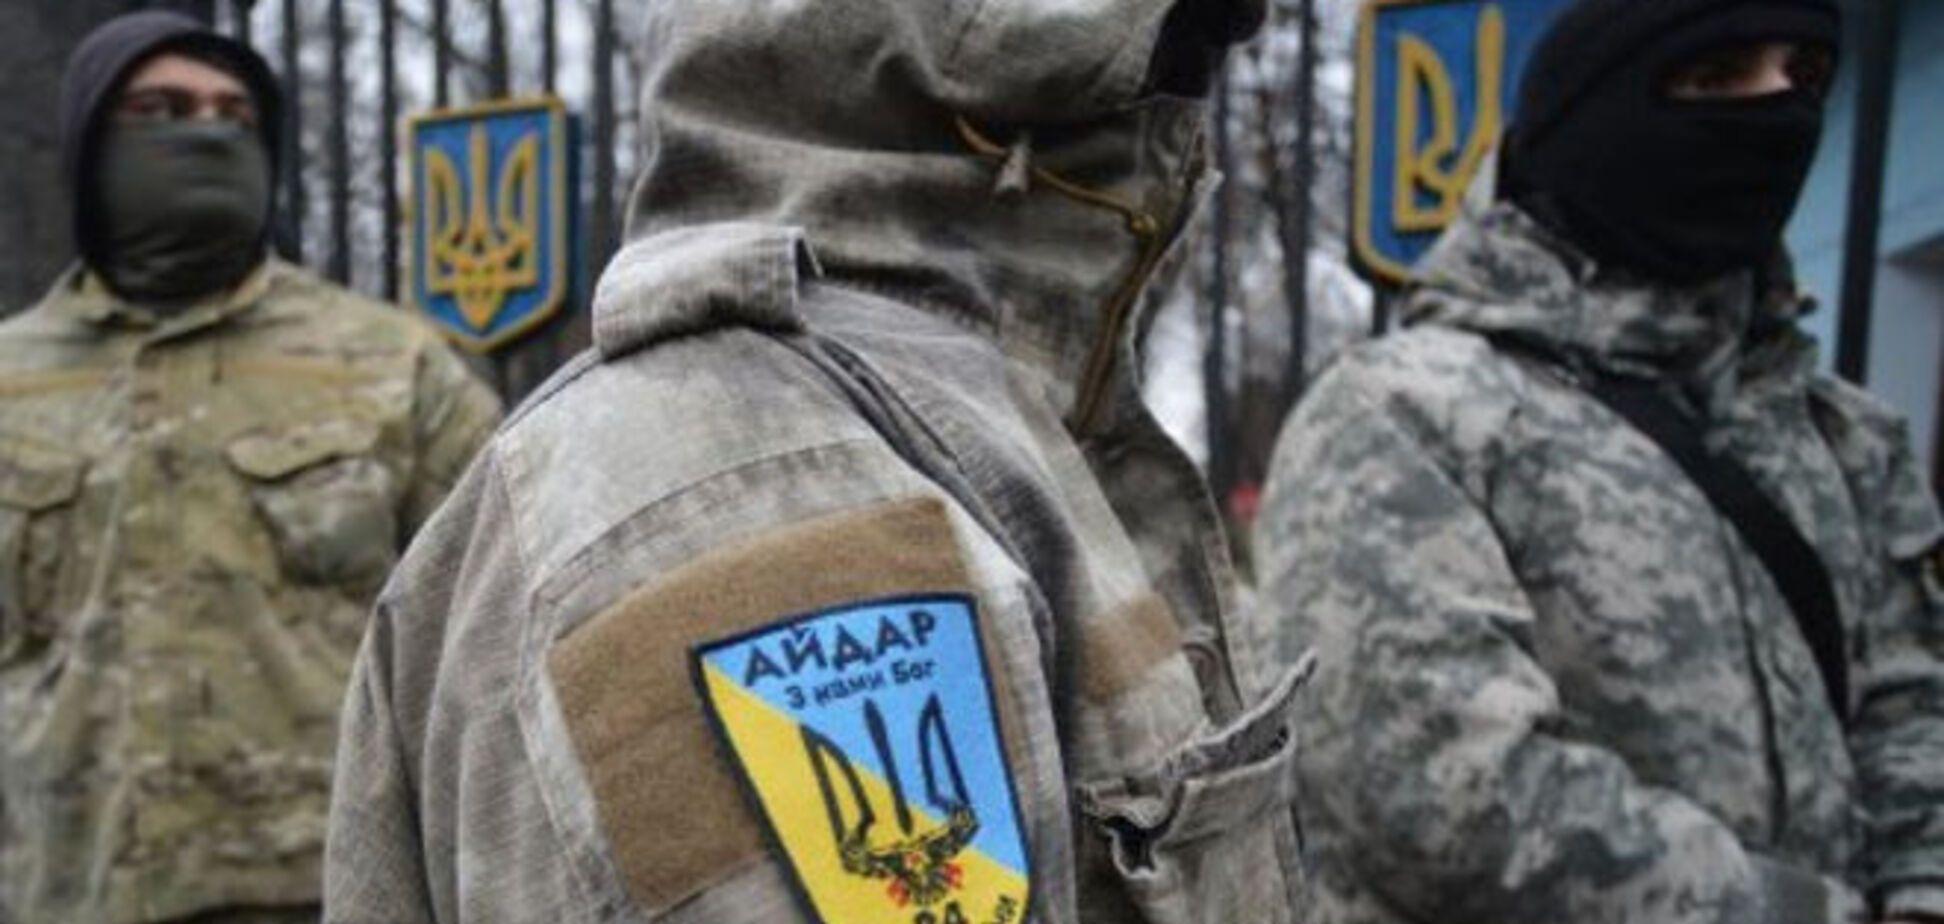 Міноборони не здається: хлібокомбінат на Луганщині захопили екс- 'айдаровці'